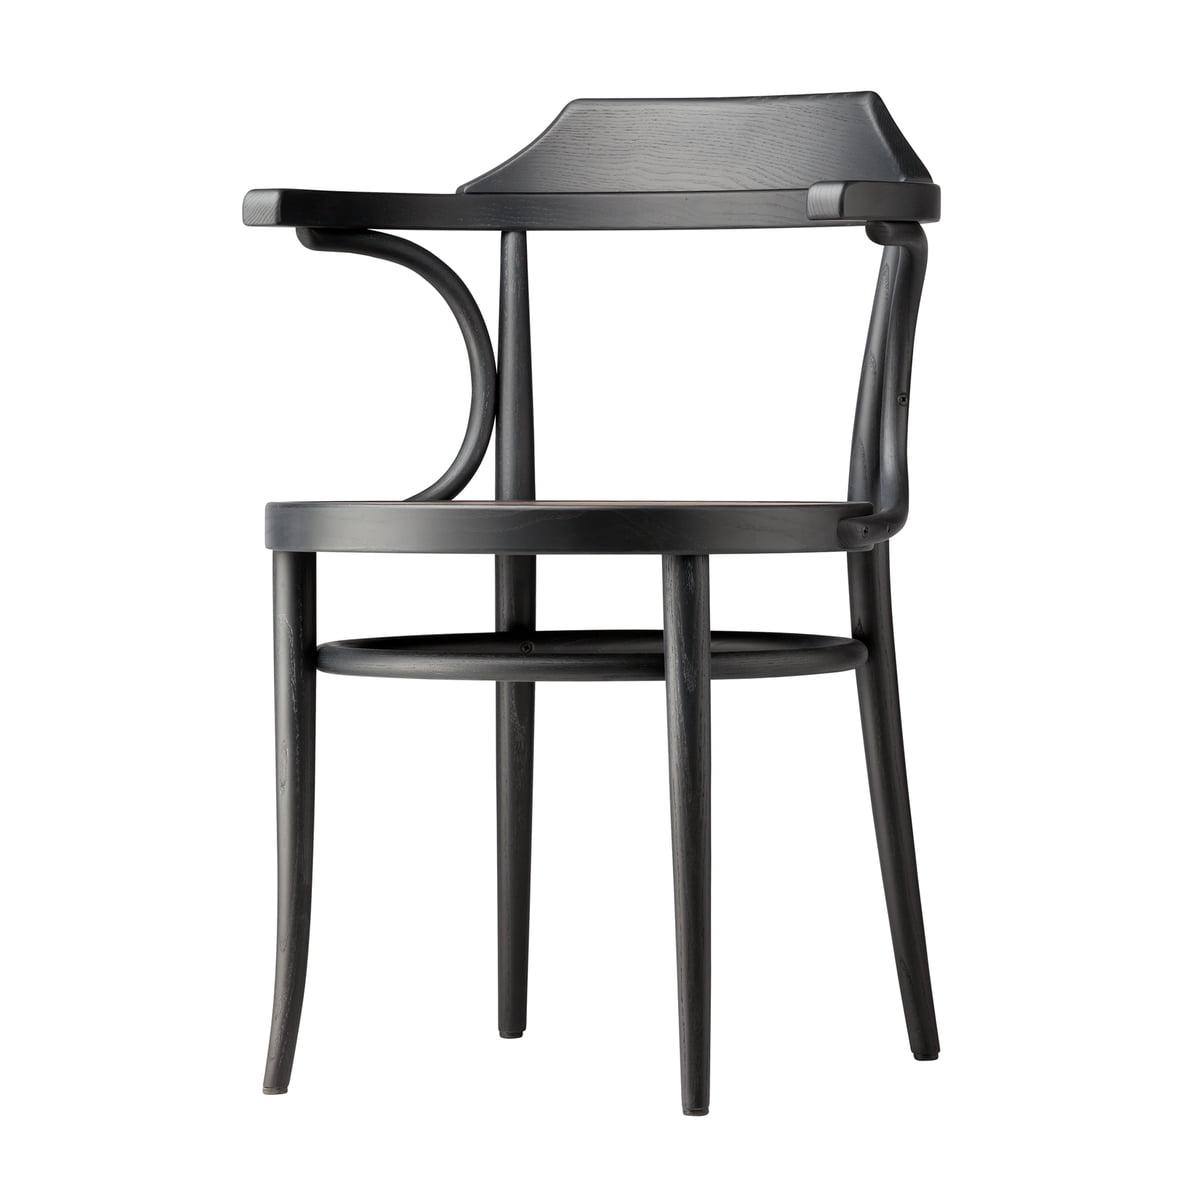 thonet Holzstühle online kaufen | Möbel-Suchmaschine | ladendirekt.de